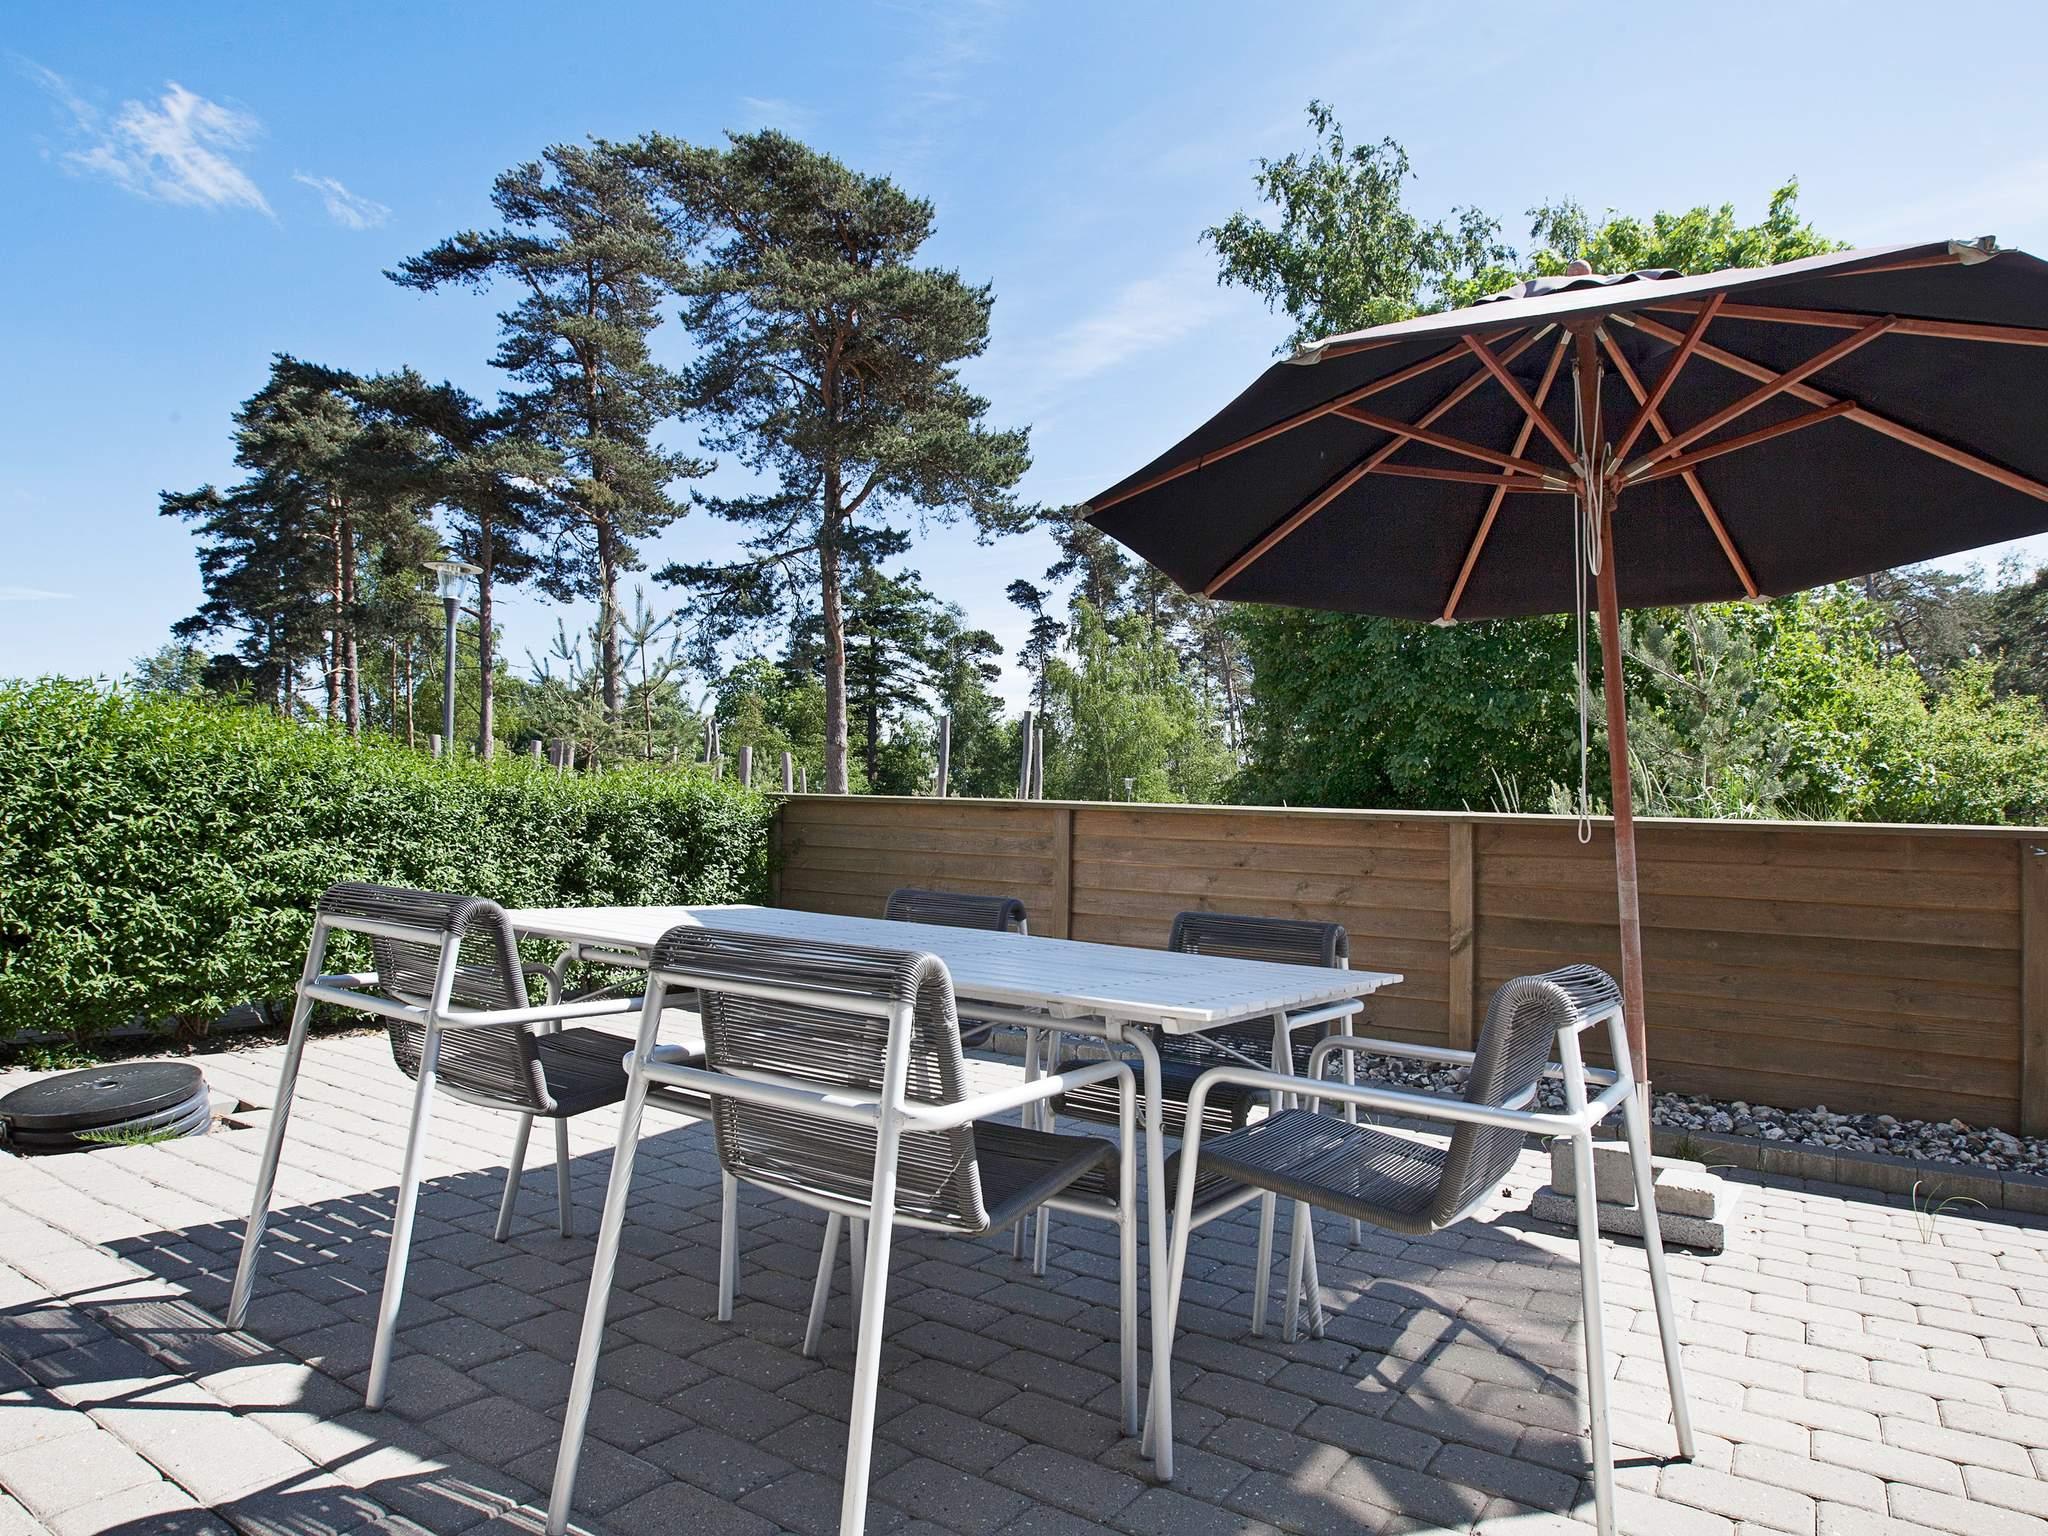 Ferienhaus Marielyst (334418), Marielyst, , Falster, Dänemark, Bild 27